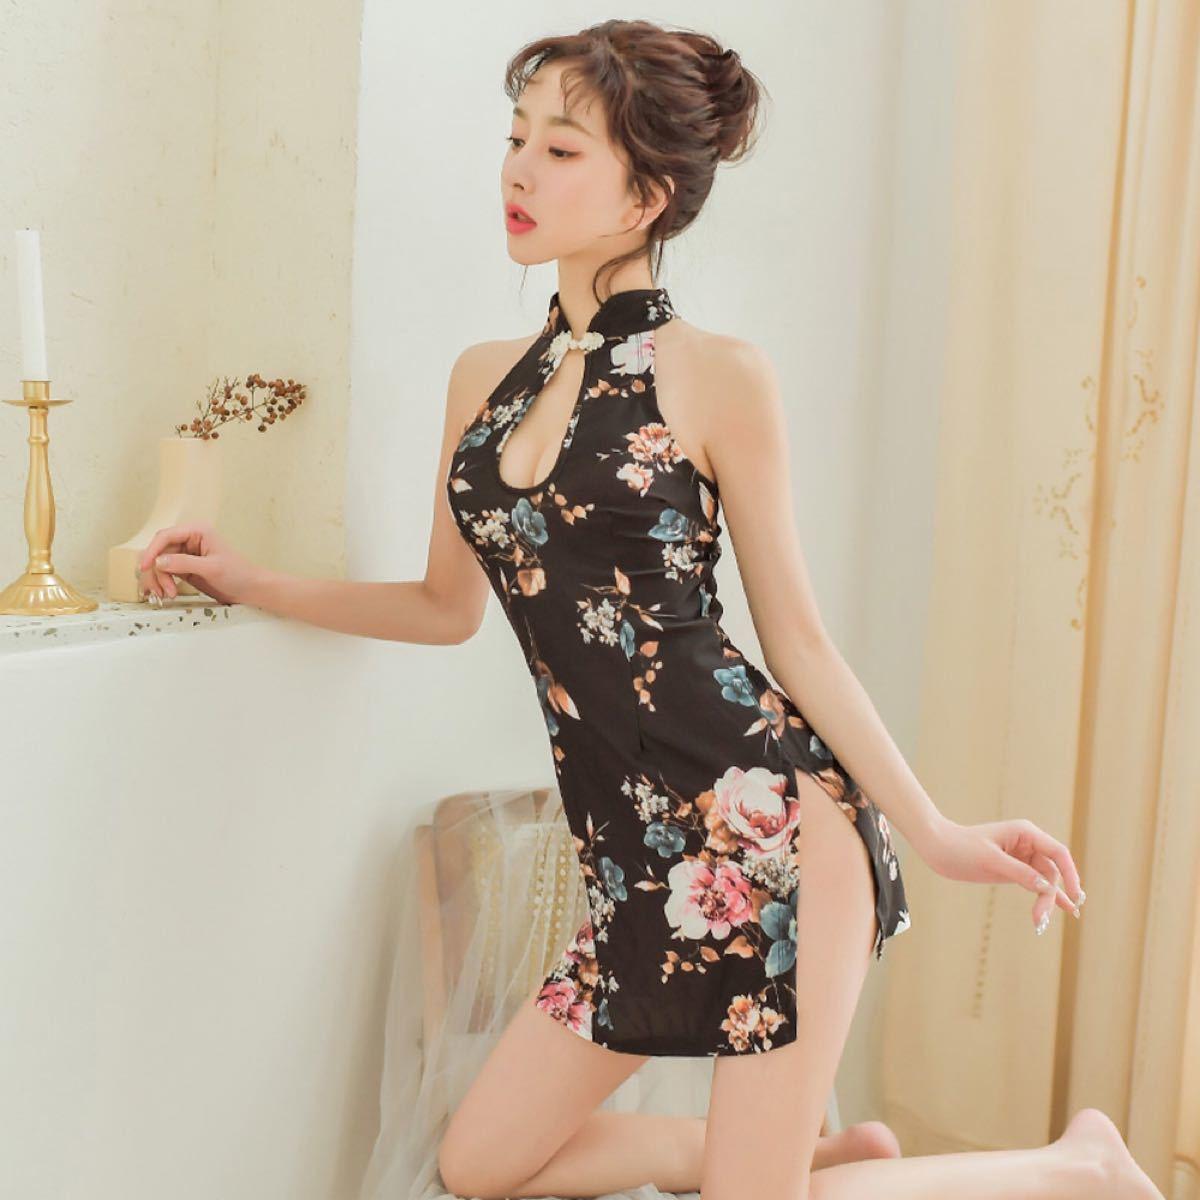 チャイナドレス セクシー コスプレ 胸あき 同柄同素材のTバック付き ランジェリー ベビードール パーティードレス  美脚 花柄